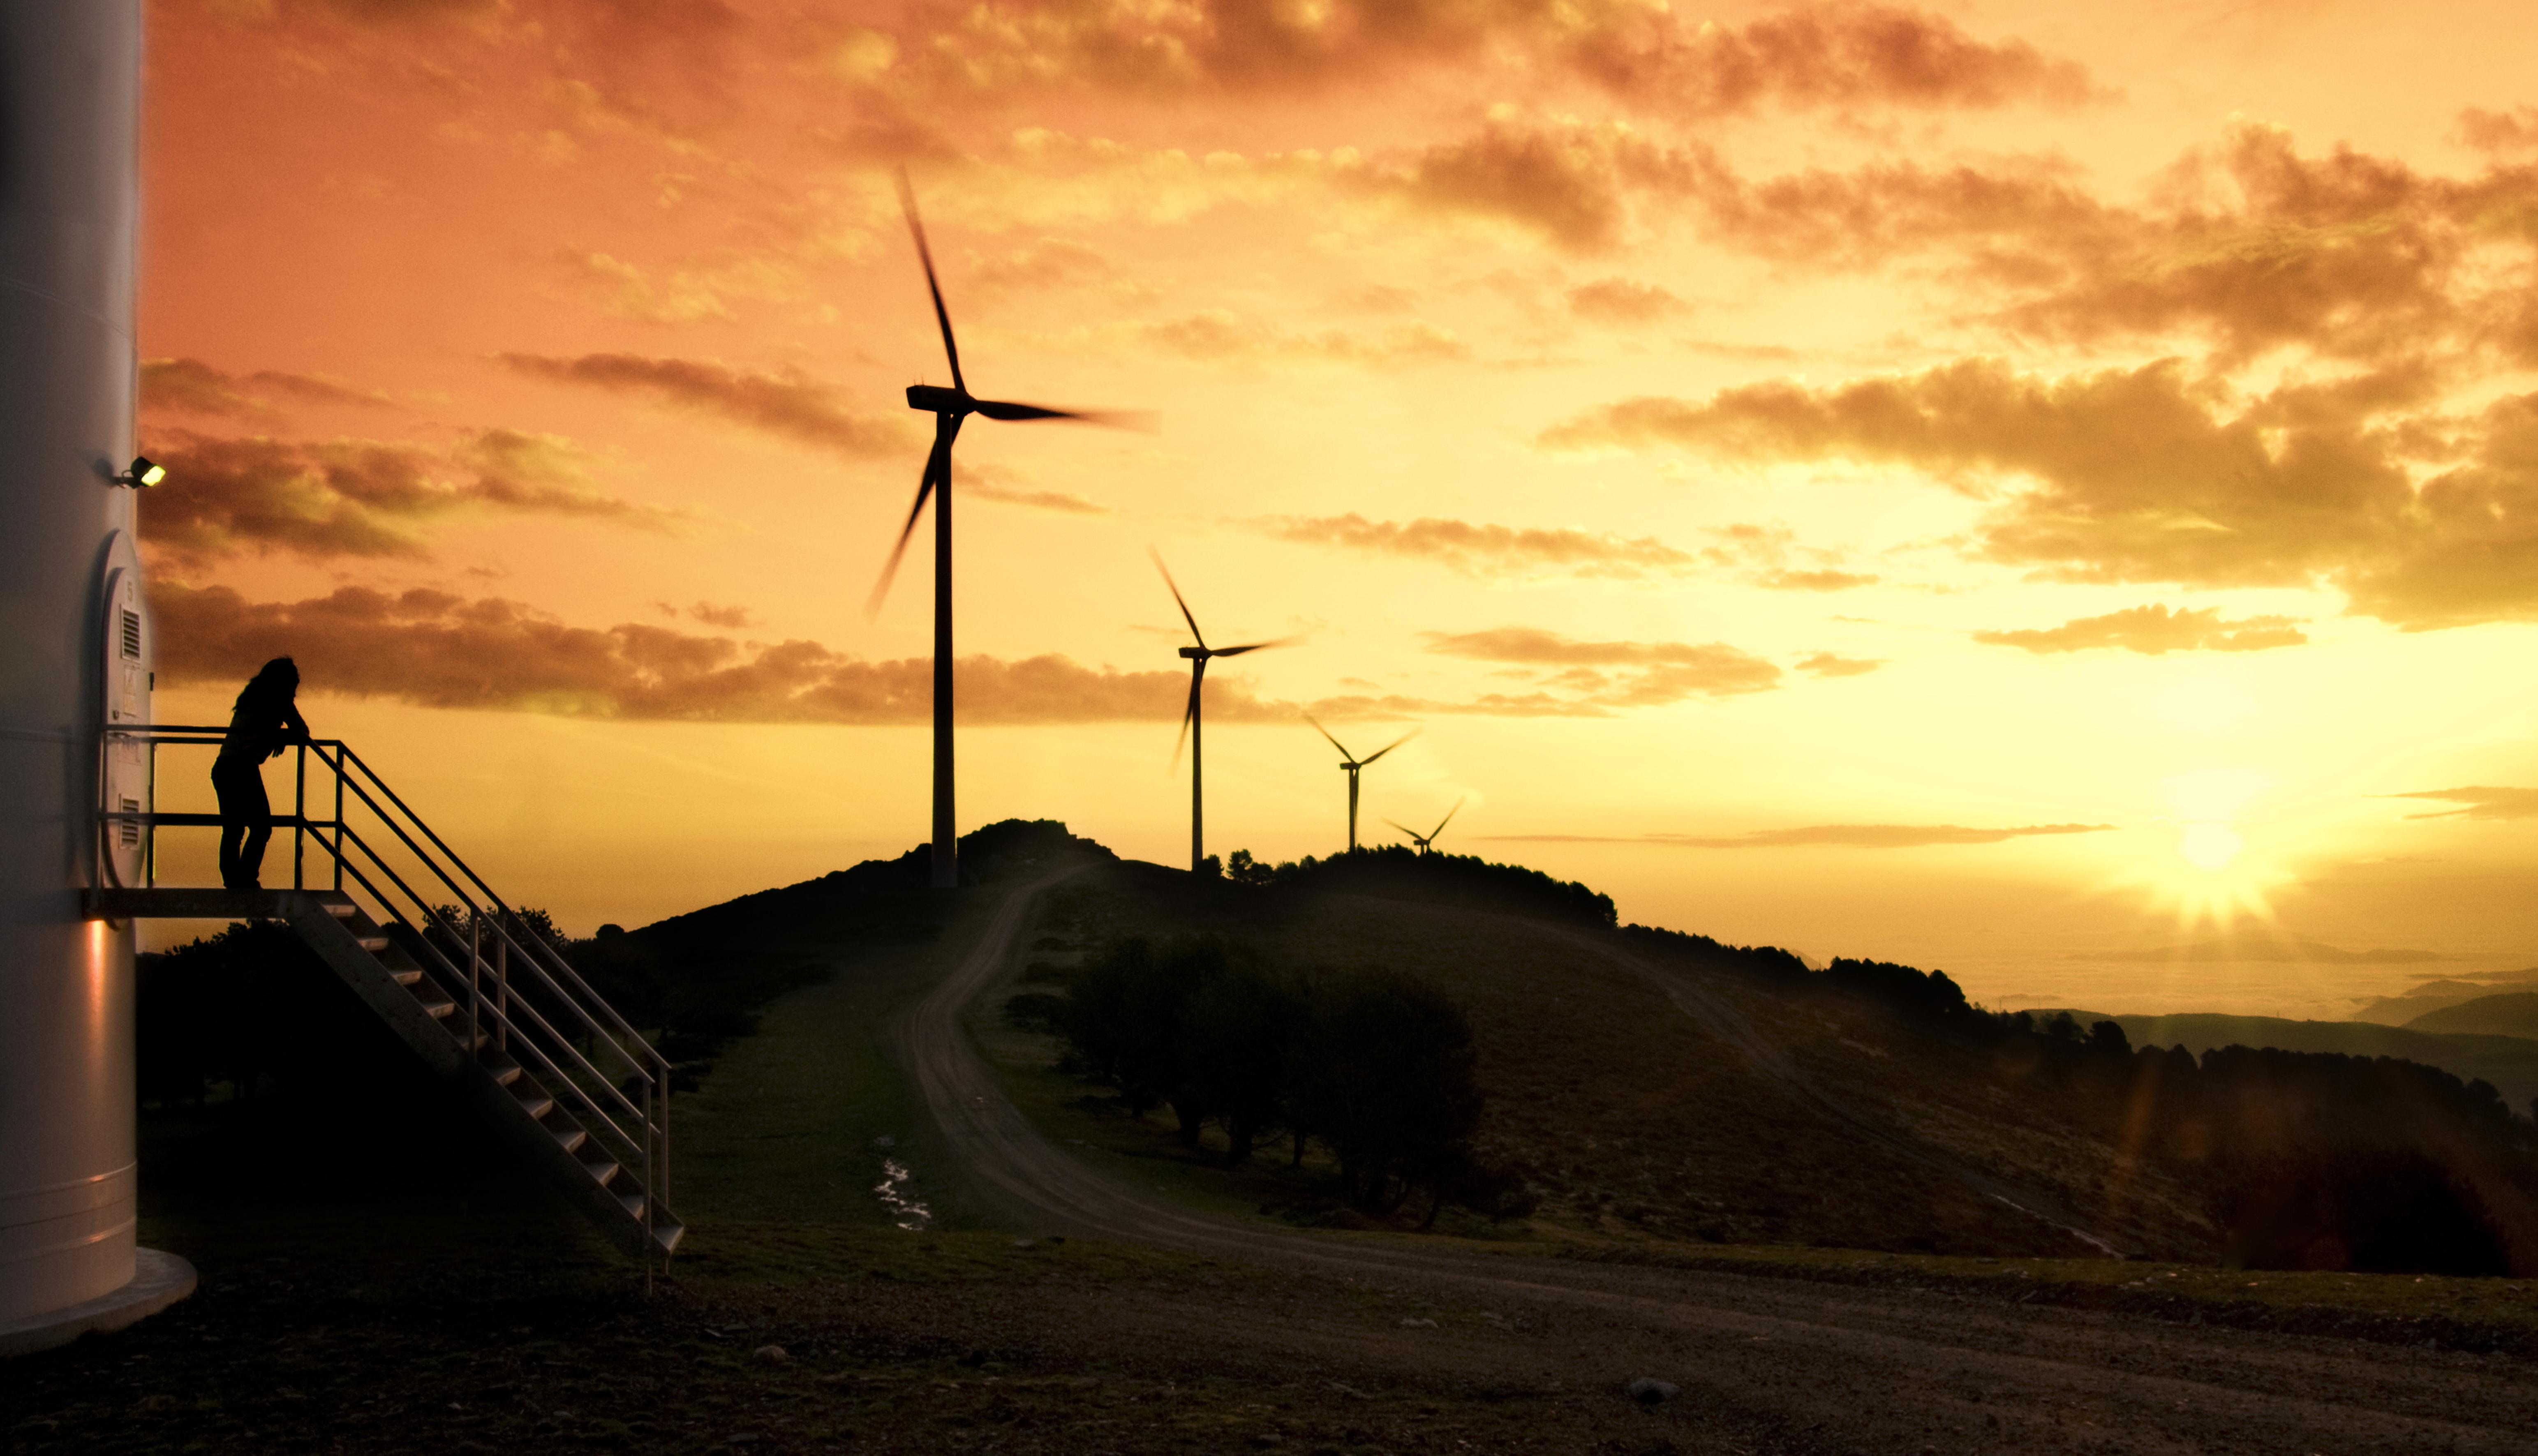 La CE lleva a Irlanda a los tribunales por incumplir la regulación de eólica y energías renovables